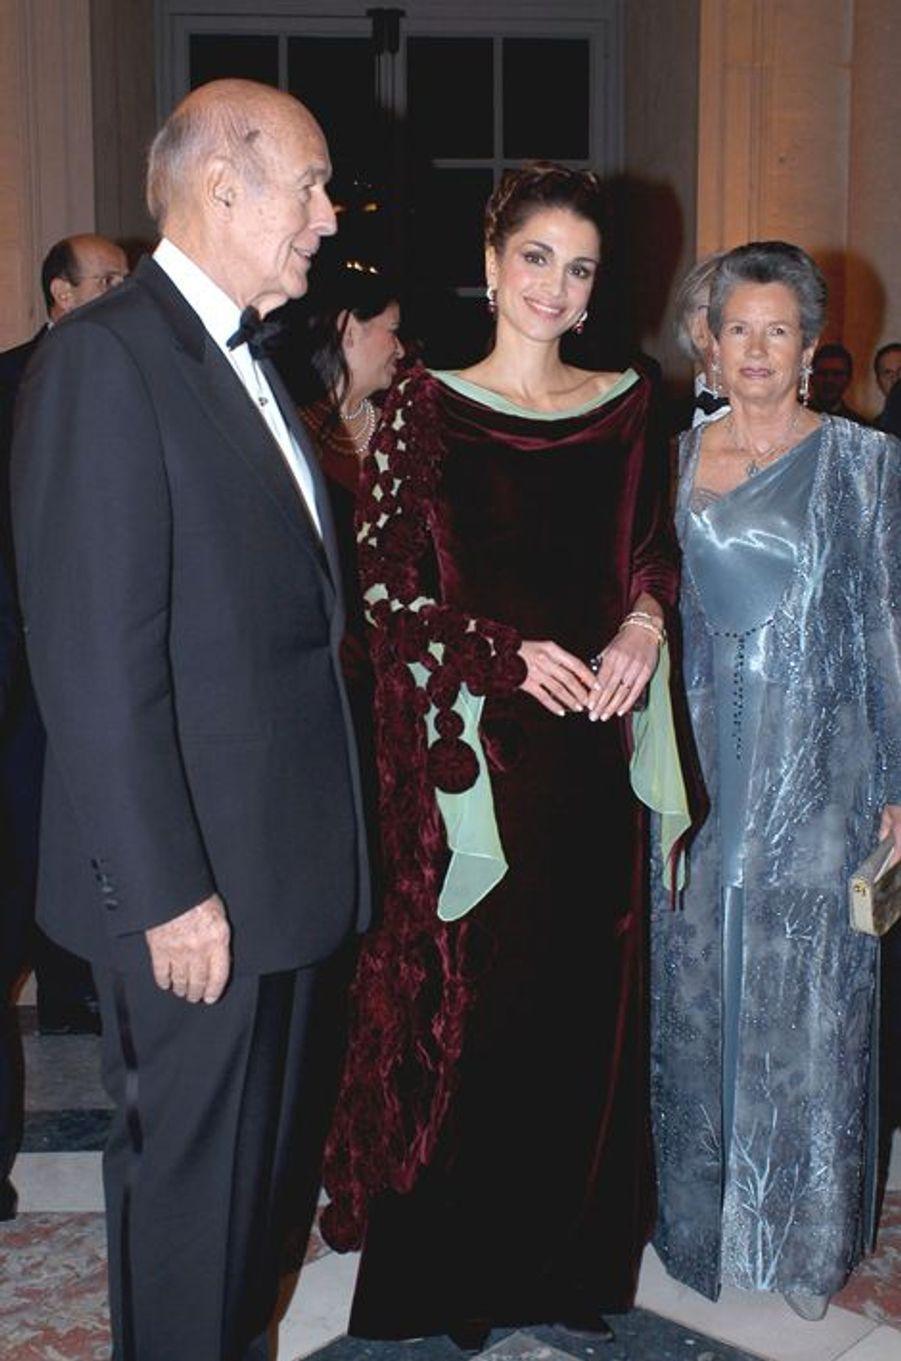 La reine Rania de Jordanie avec Valéry et Anne-Aymone Giscard d'Estaing au château de Versailles, le 2 décembre 2002